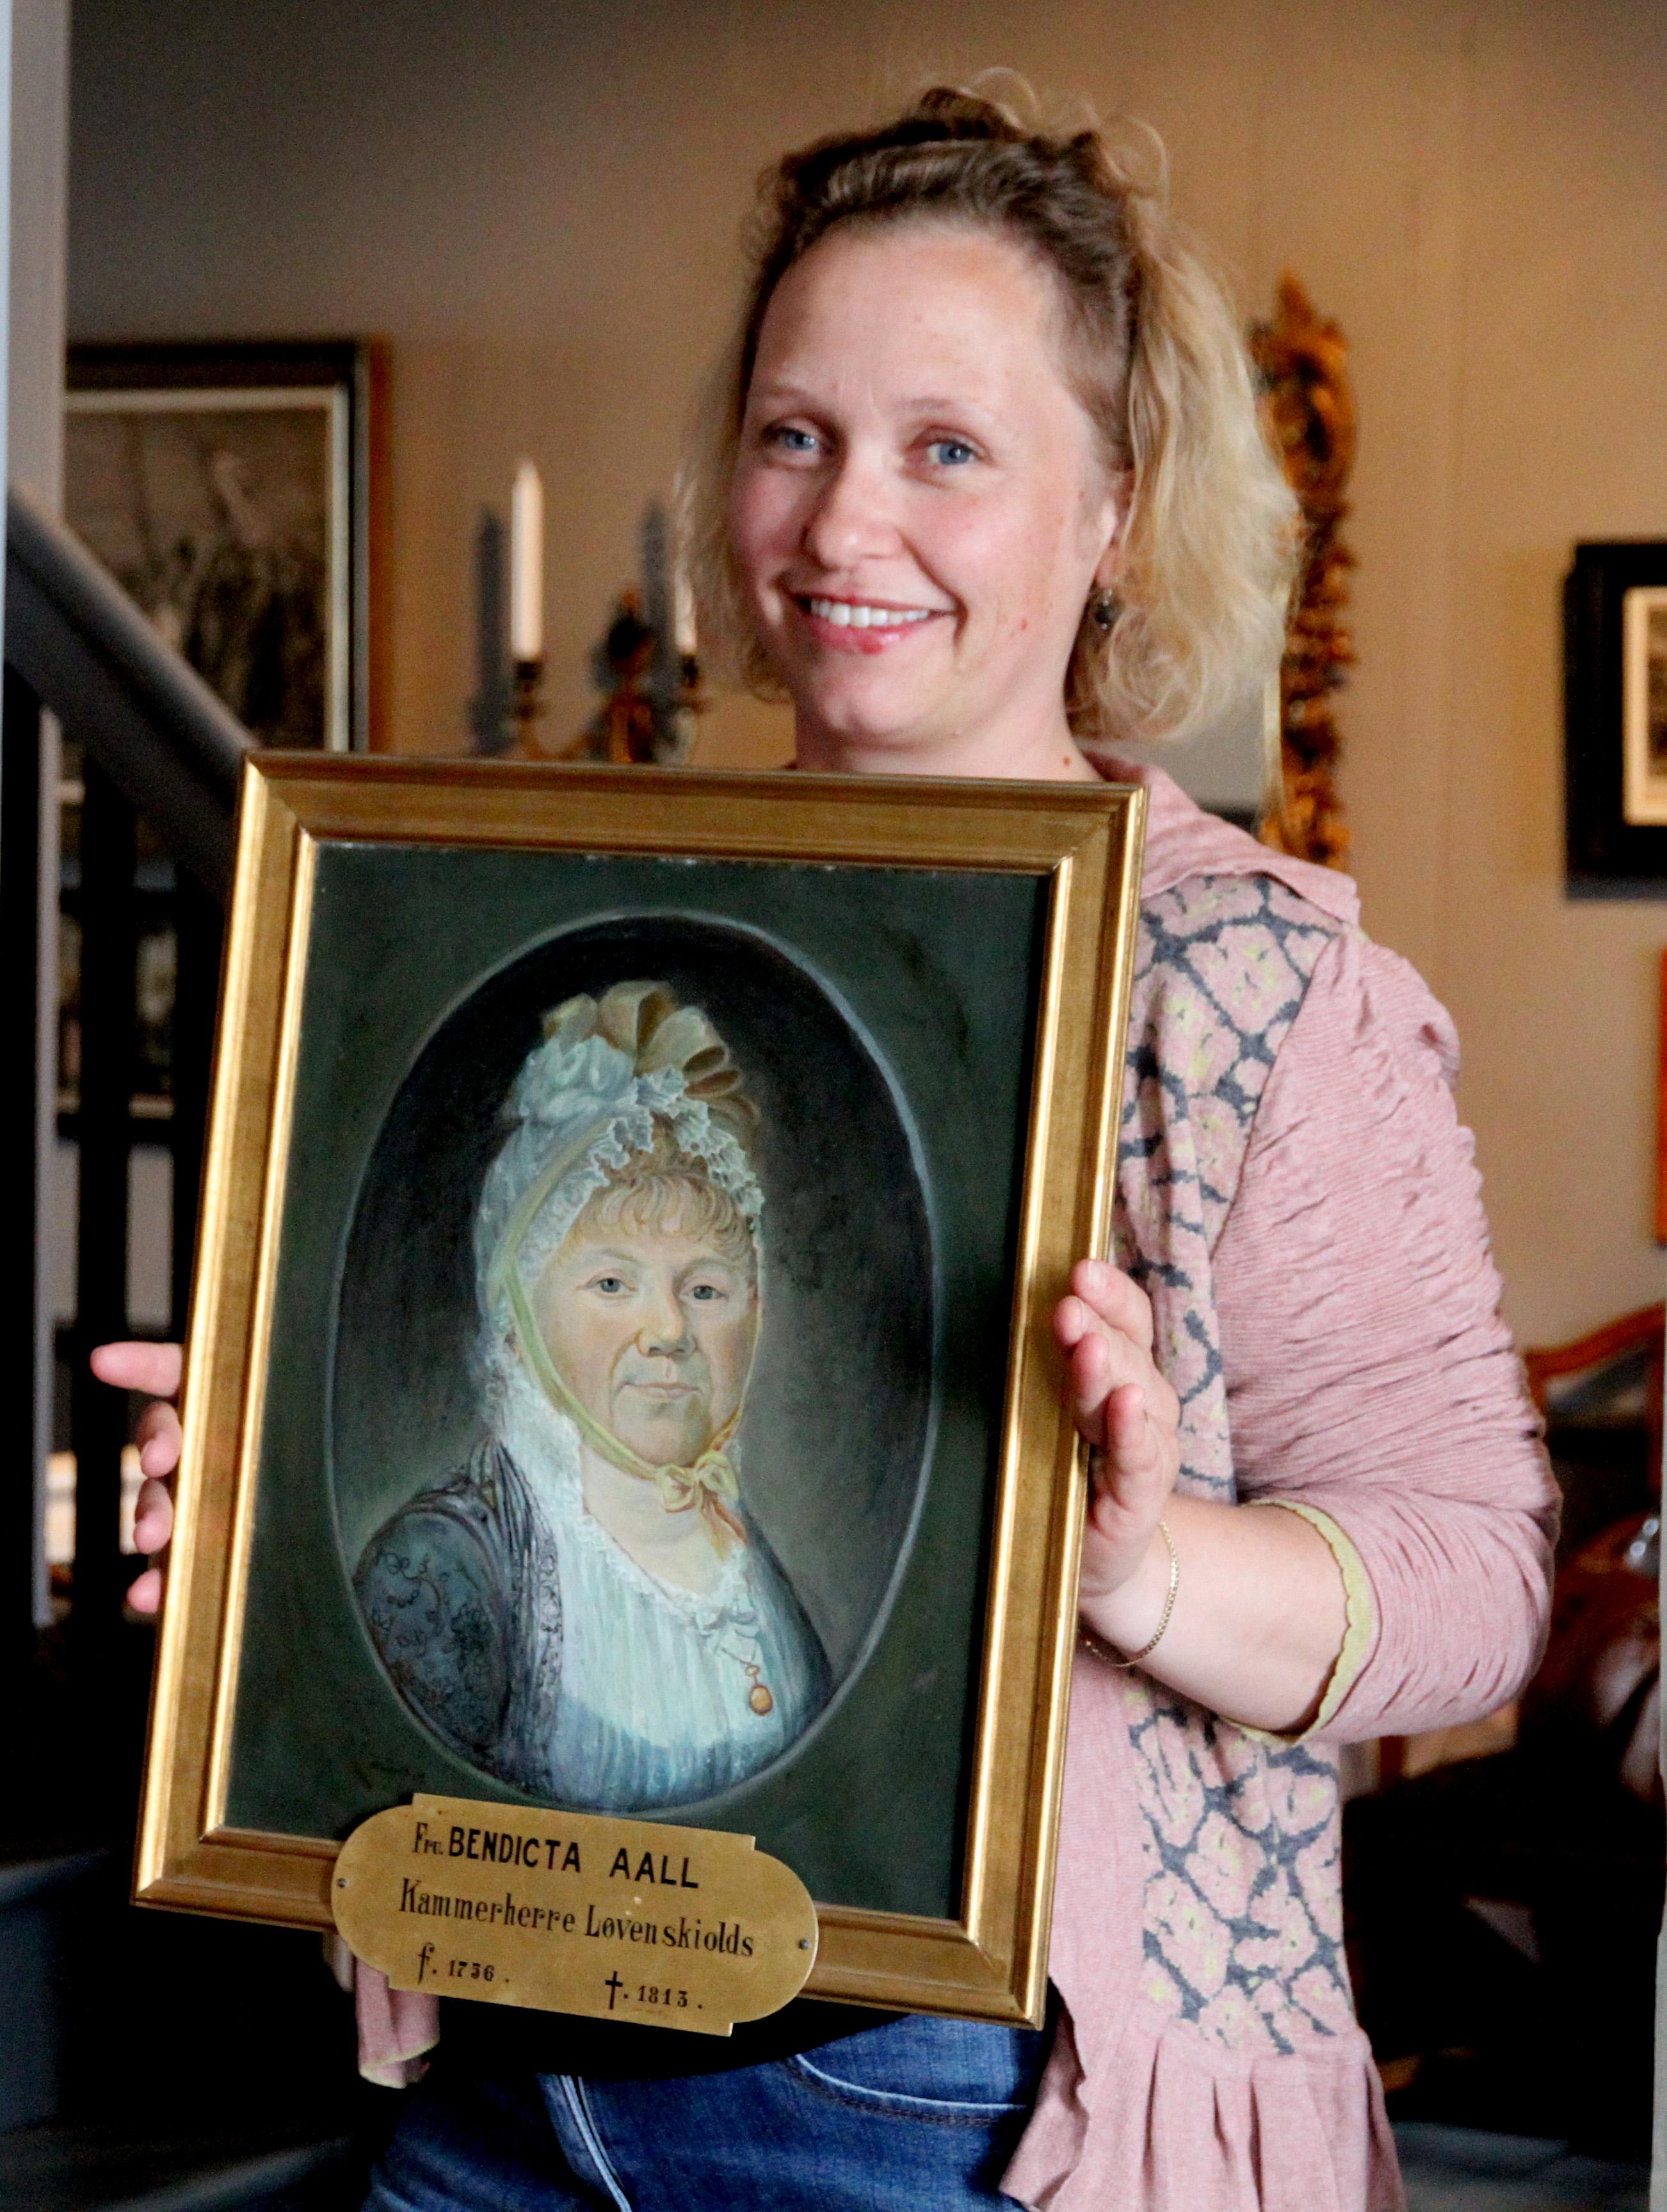 Christine Hermansen ved Telemark Museum holder et maleri av Benedicta, tanten til Niels Aall.   Foto: Kristin Berge, Telemark Museum